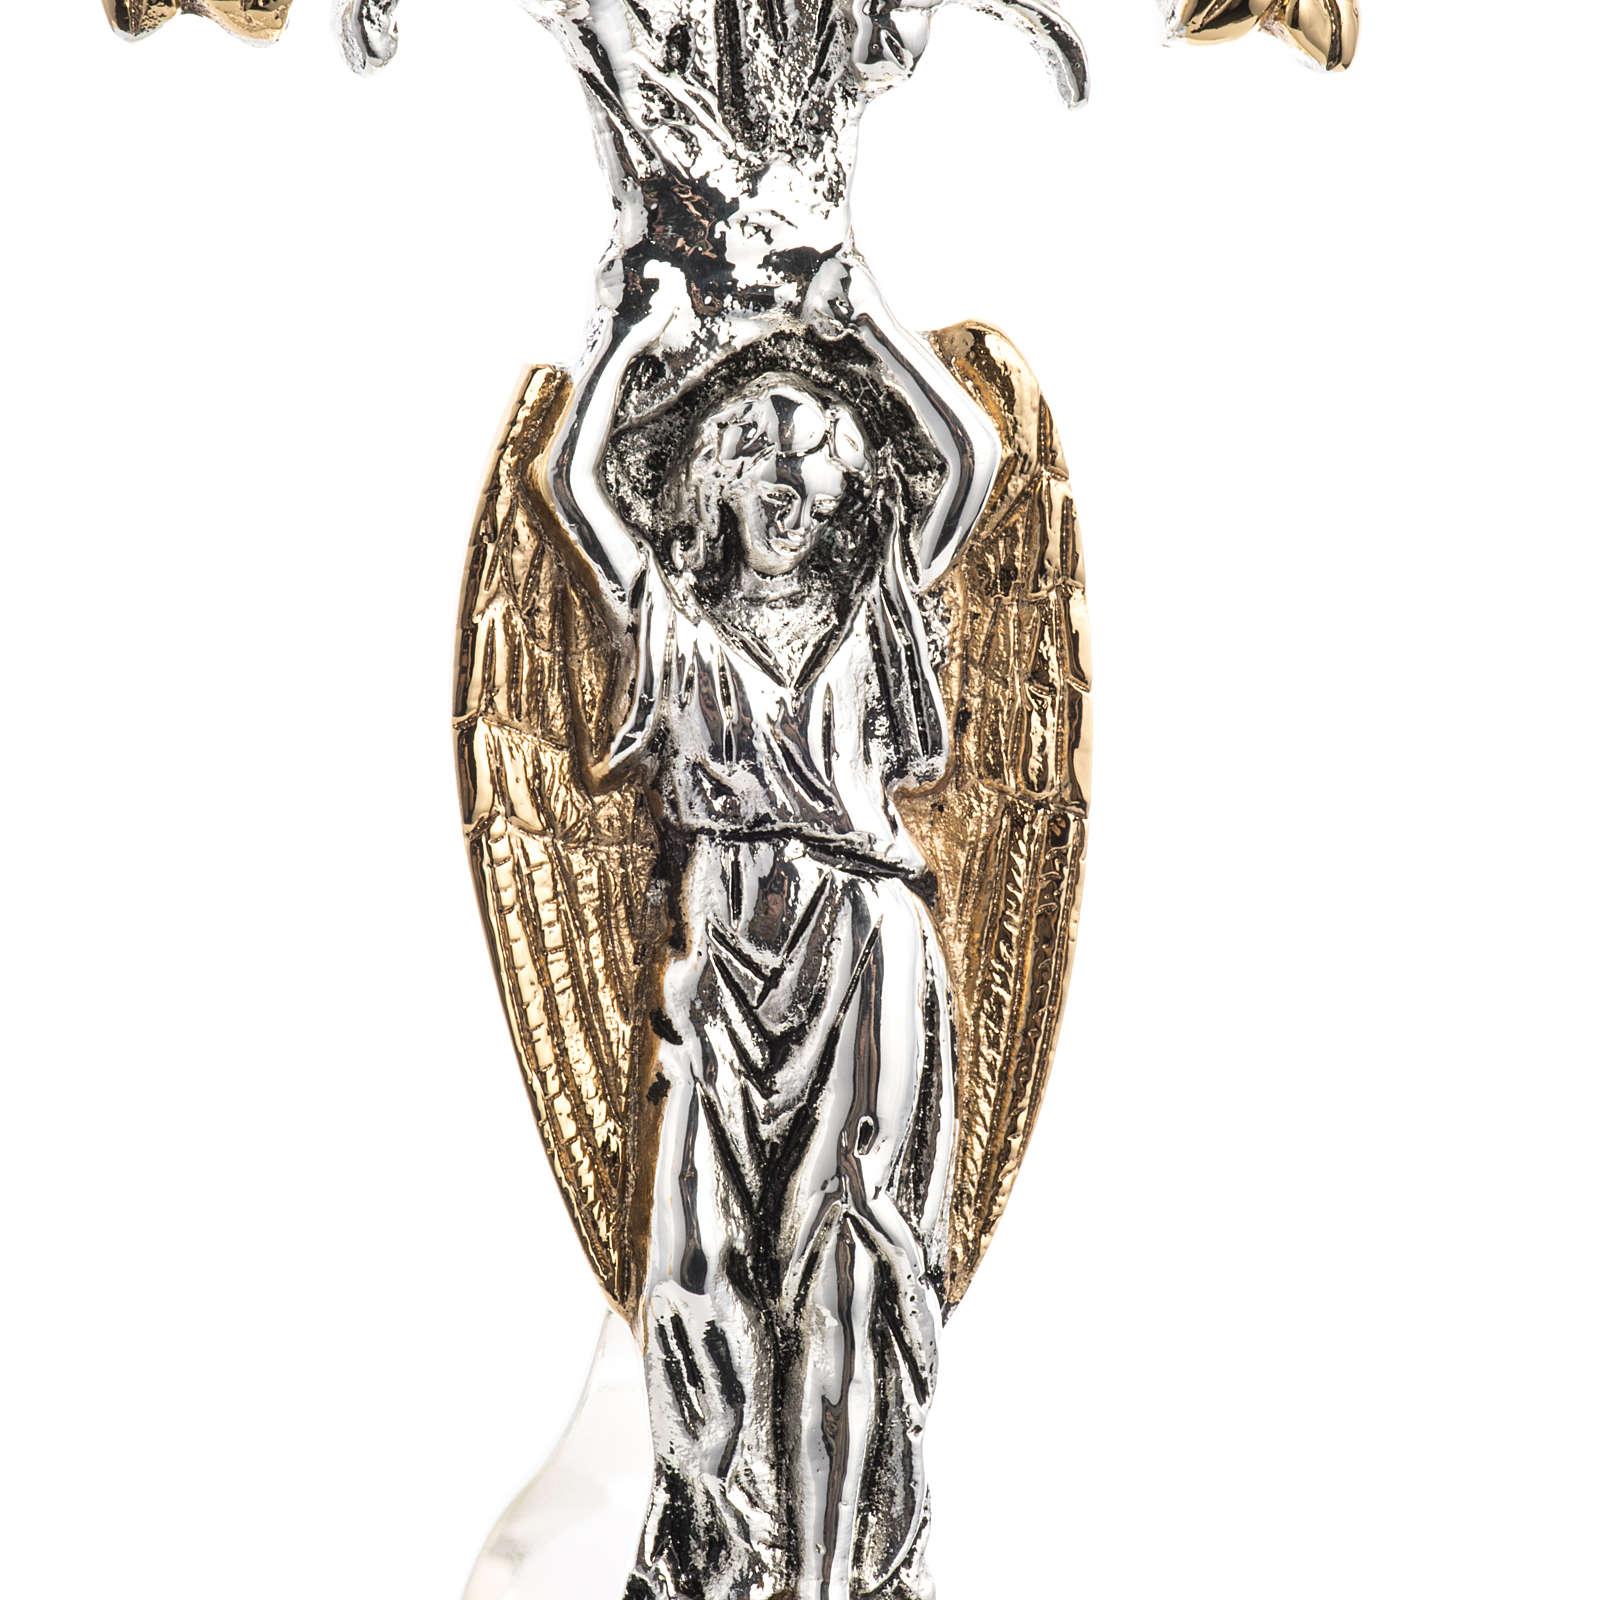 Reliquiario ottone fuso bicolore angelo fiori 4